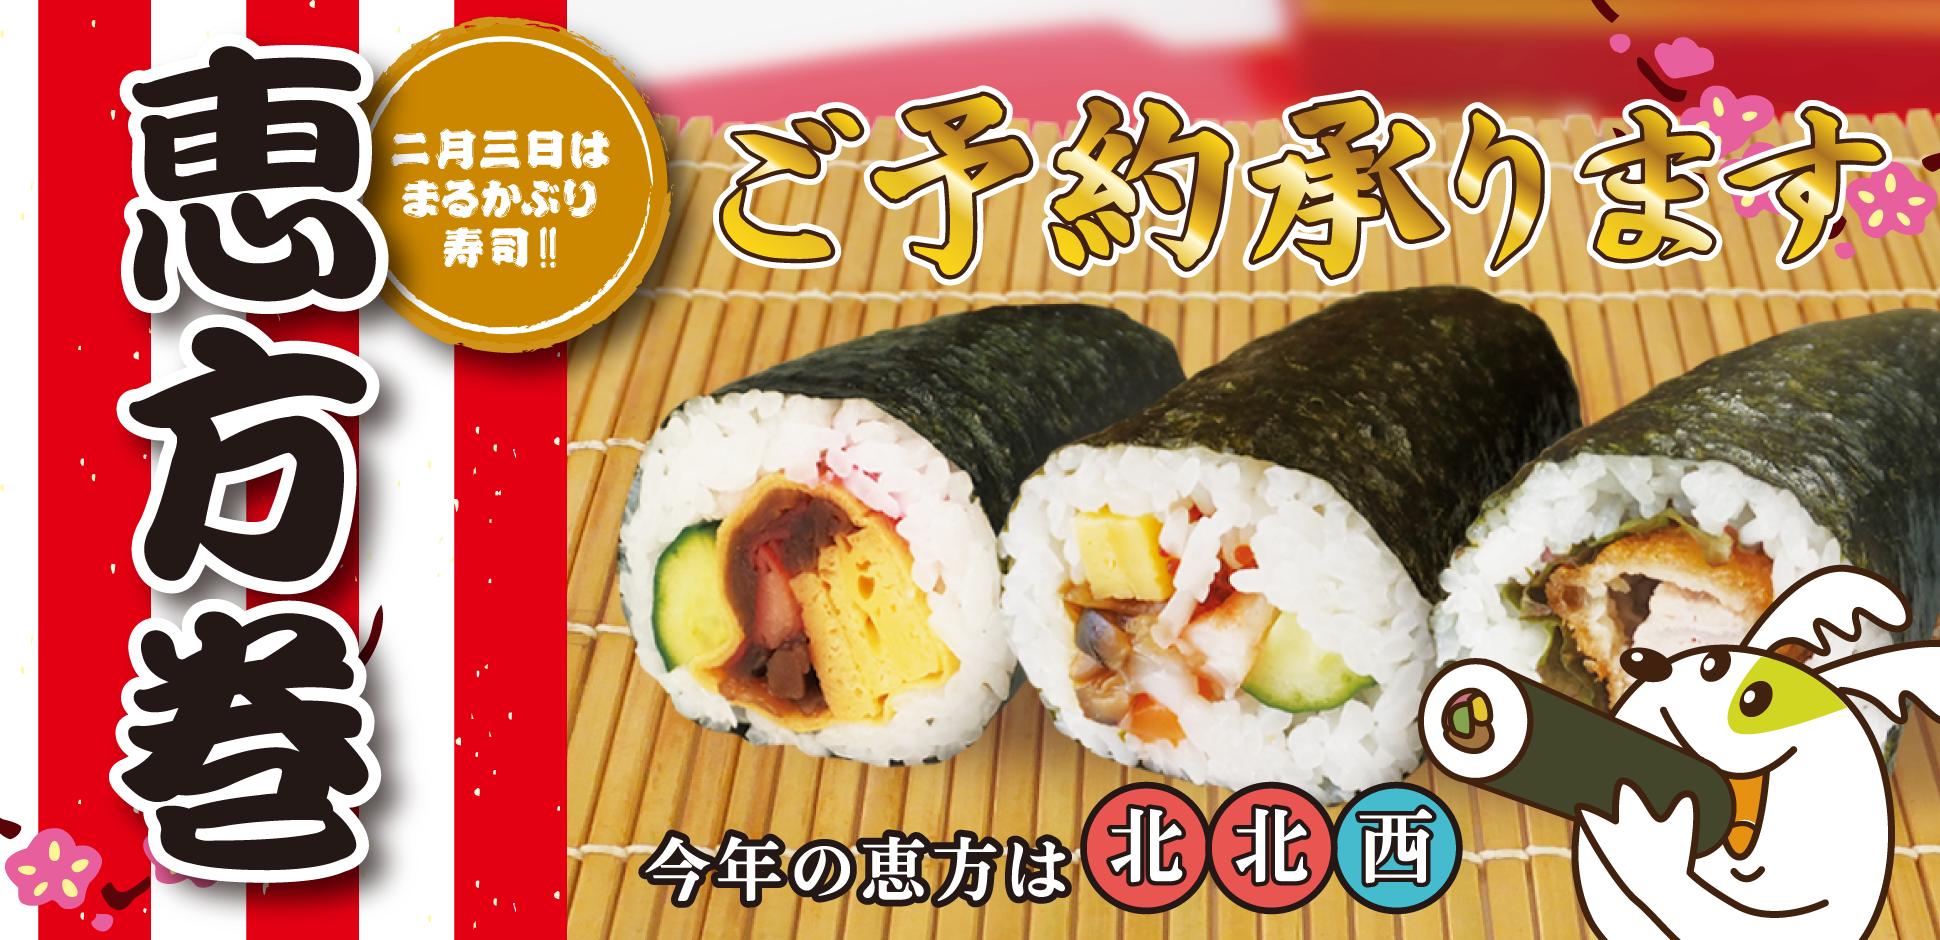 2月3日は丸かぶり寿司